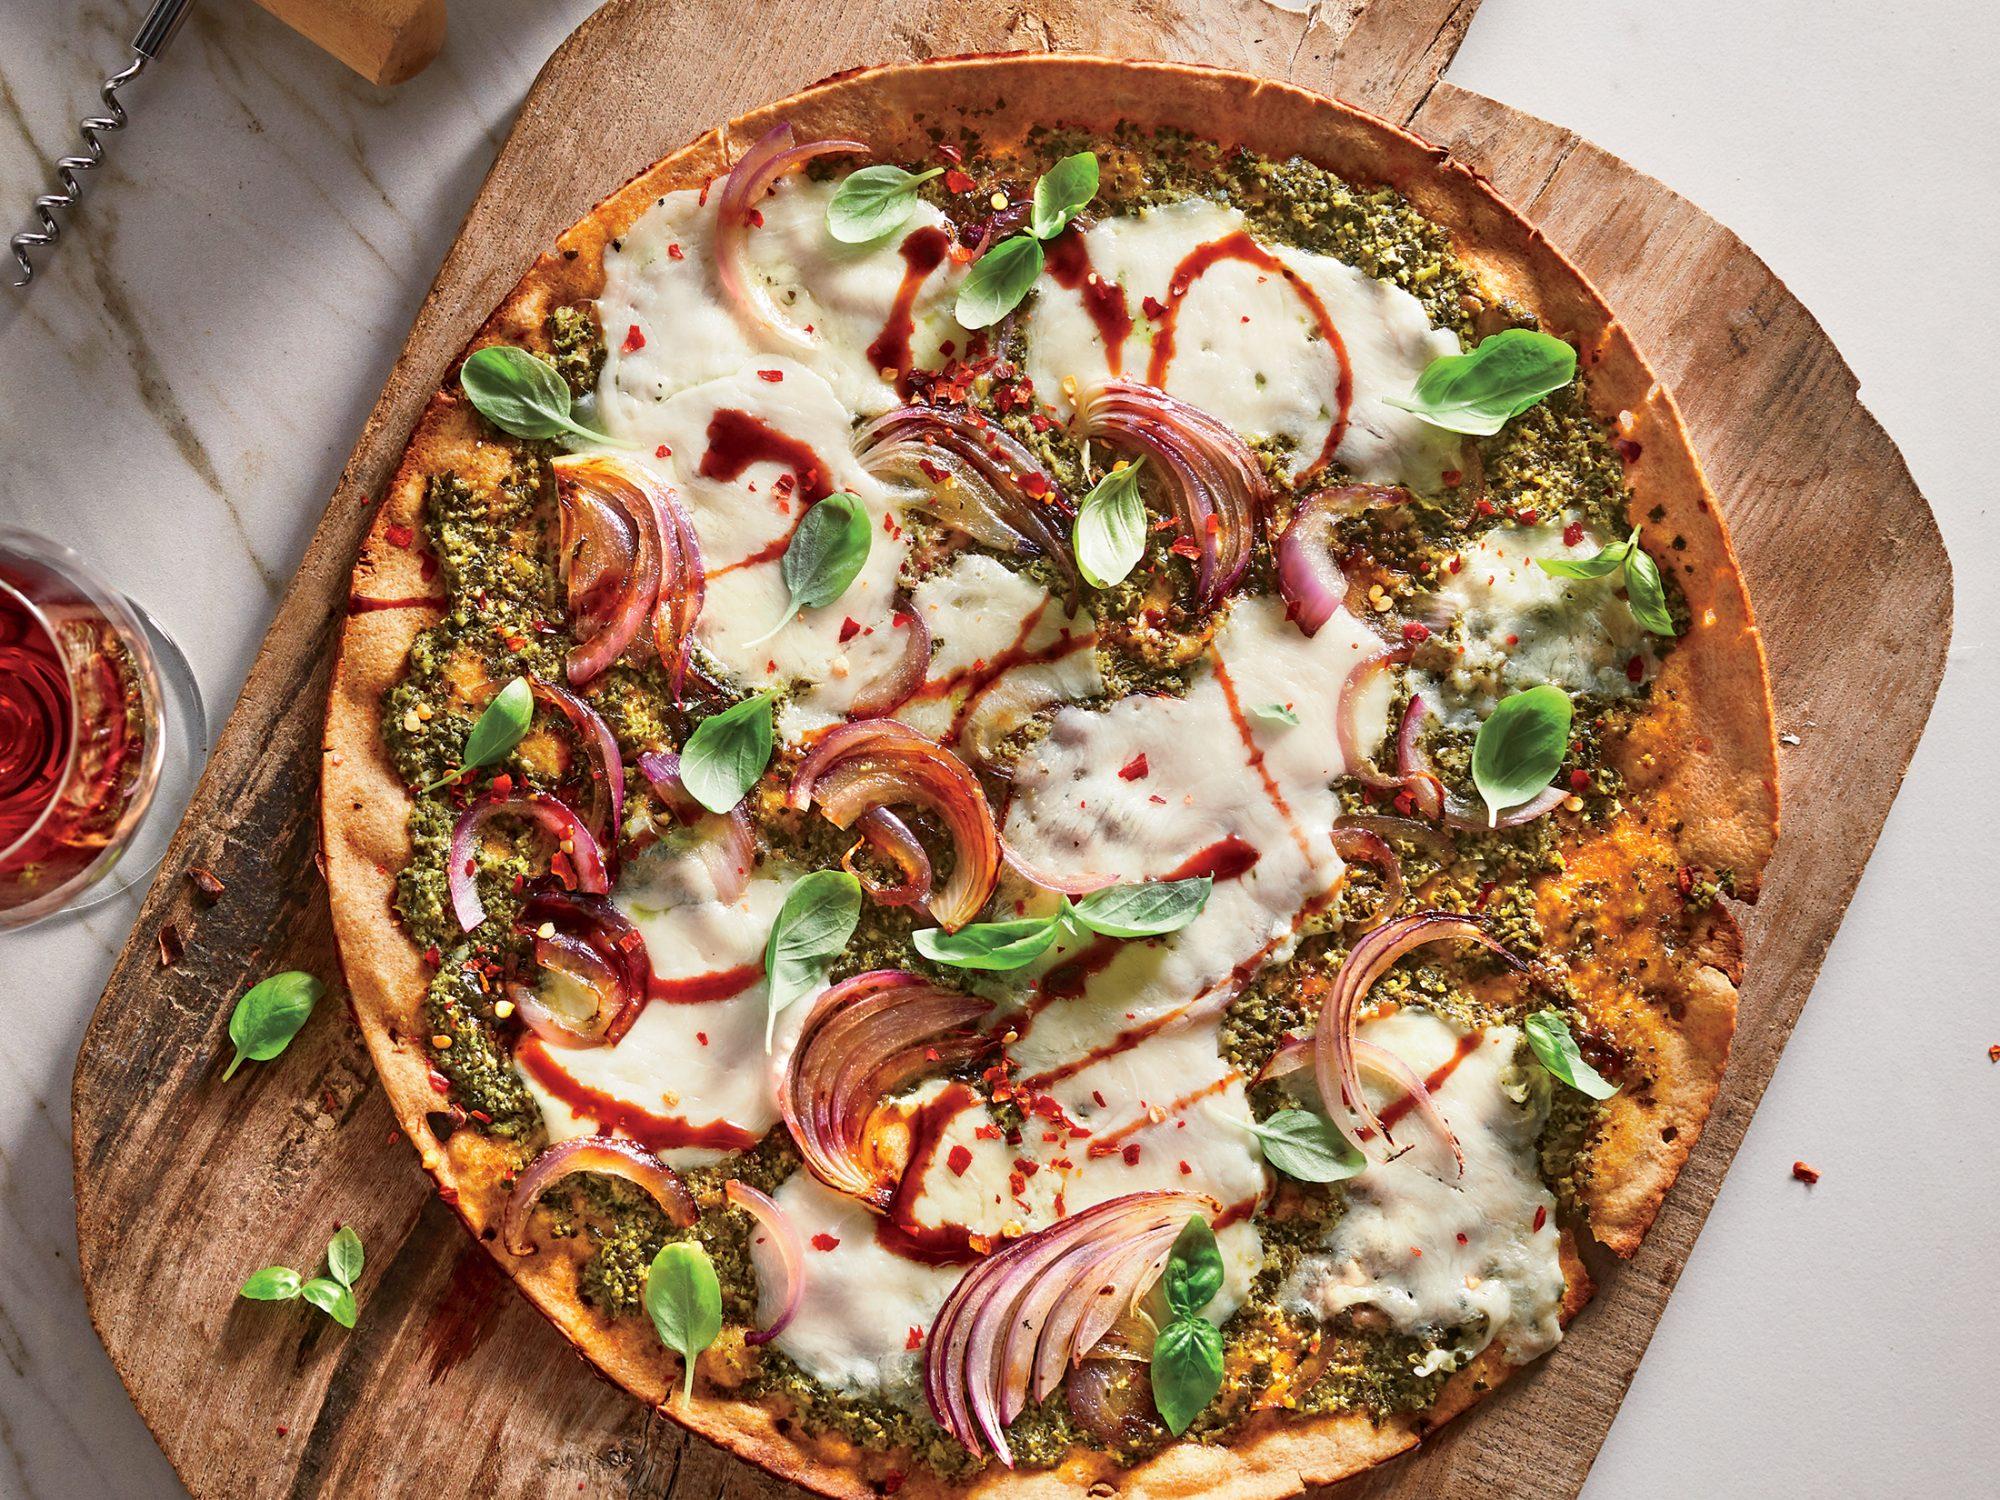 Winter Greens Pesto Pizza